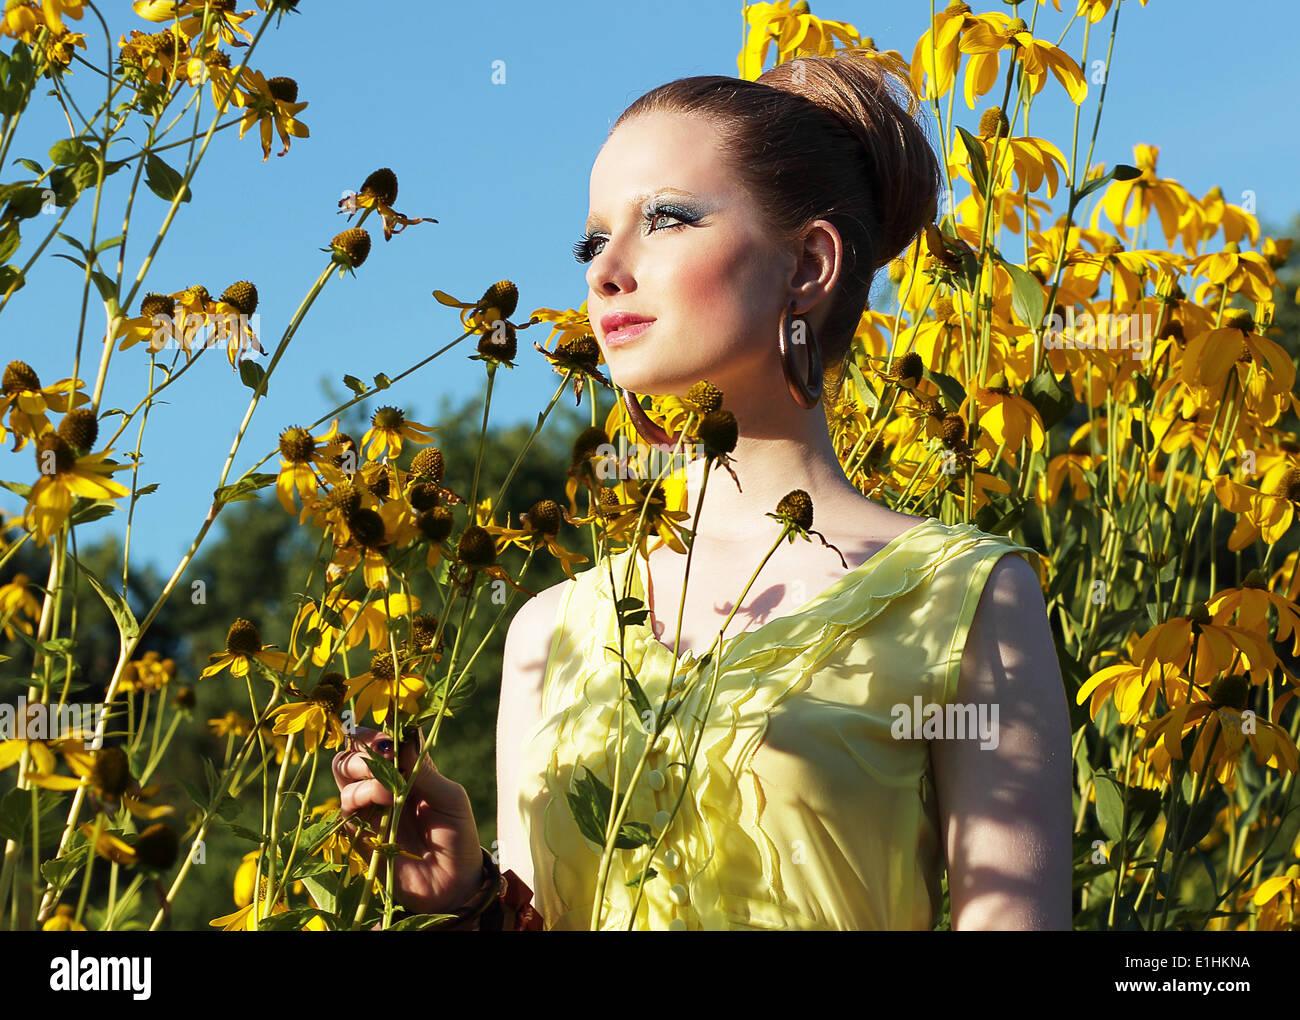 Los meses de verano. Las hembras jóvenes en Pradera entre Blooming flores amarillas Imagen De Stock